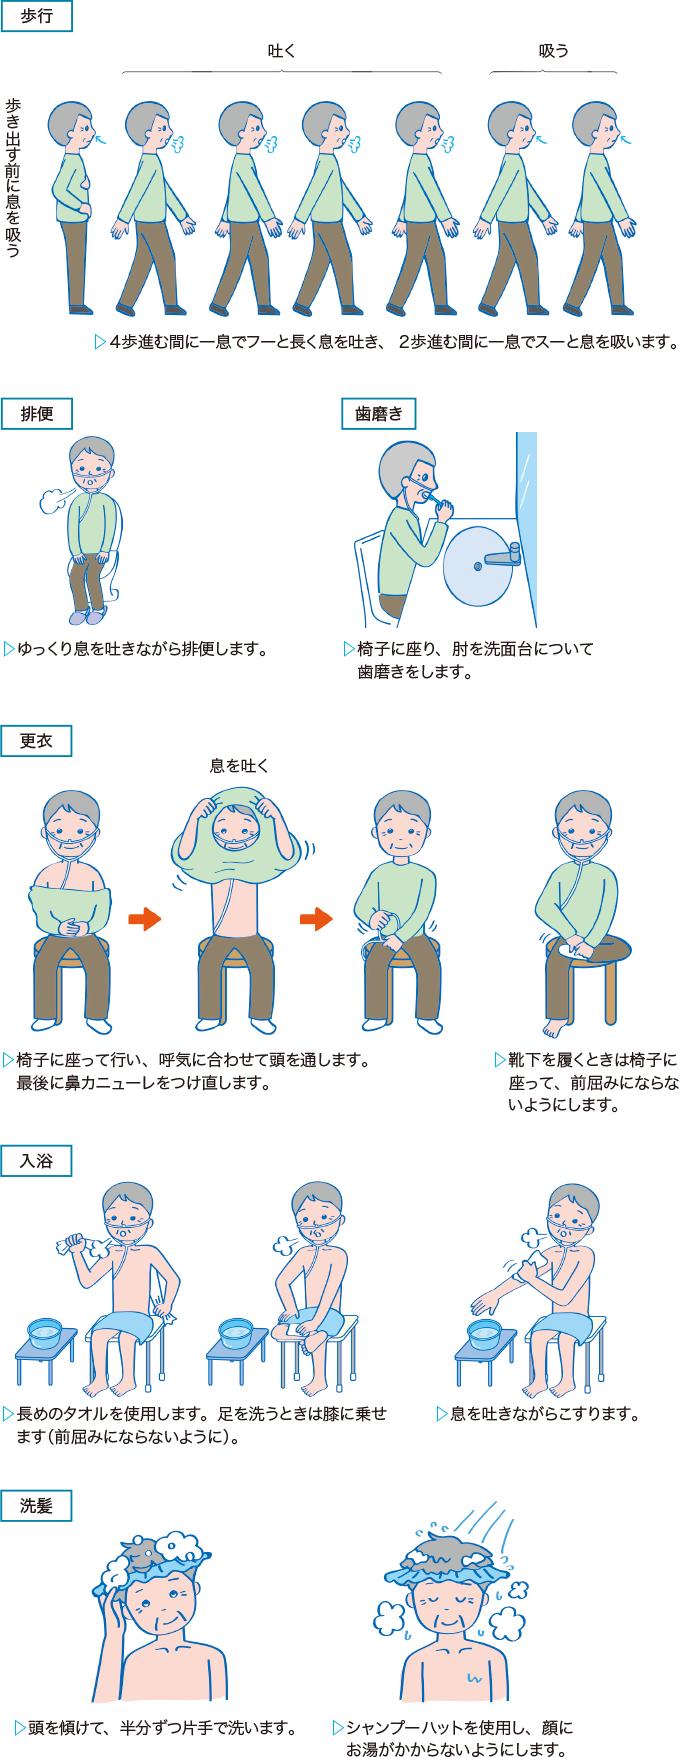 日常生活動作と呼吸の工夫